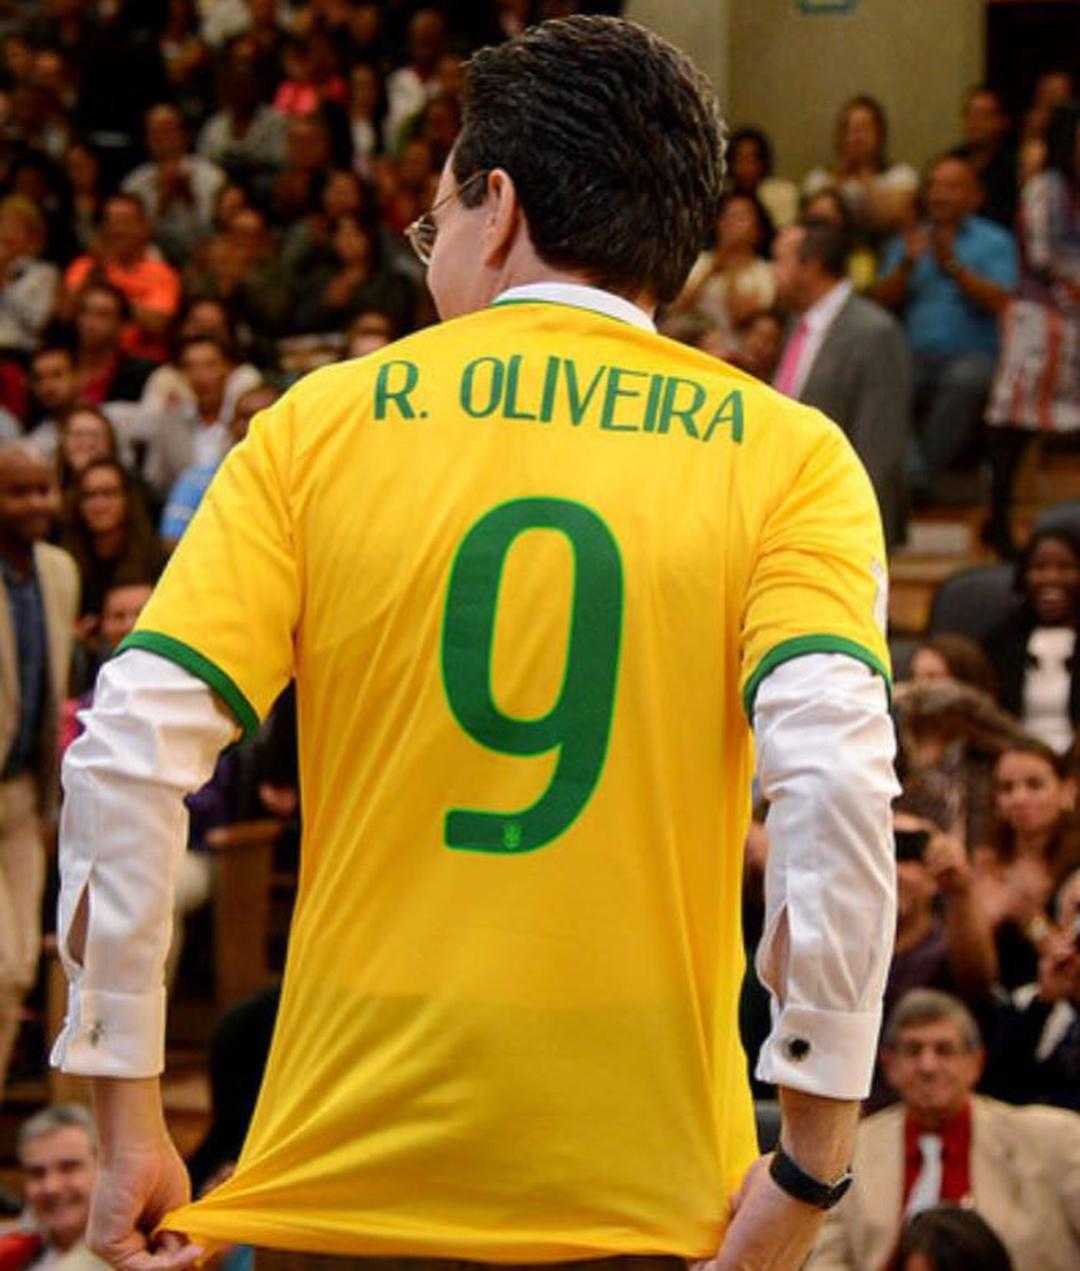 Bispo Samuel Ferreira vestindo camisa da seleção (Reprodução)